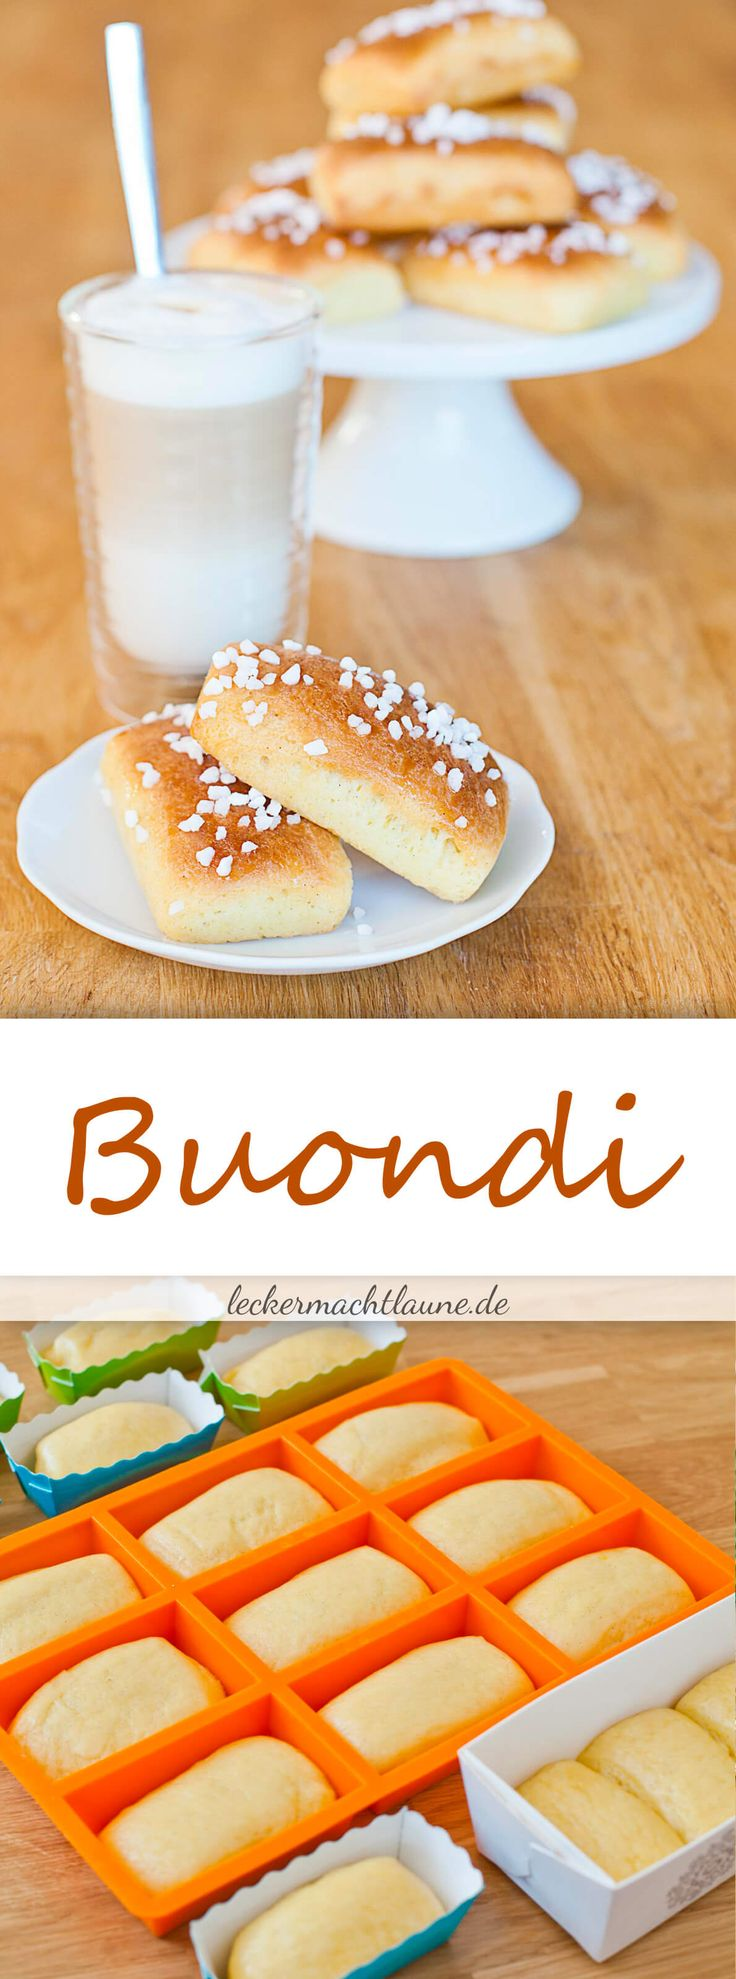 Buondi sind ein leckeres italienisches Gebäck, das wunderbar buttrig schmeckt und sowohl zum Frühstück als auch zum Nachmittagskaffee passt.